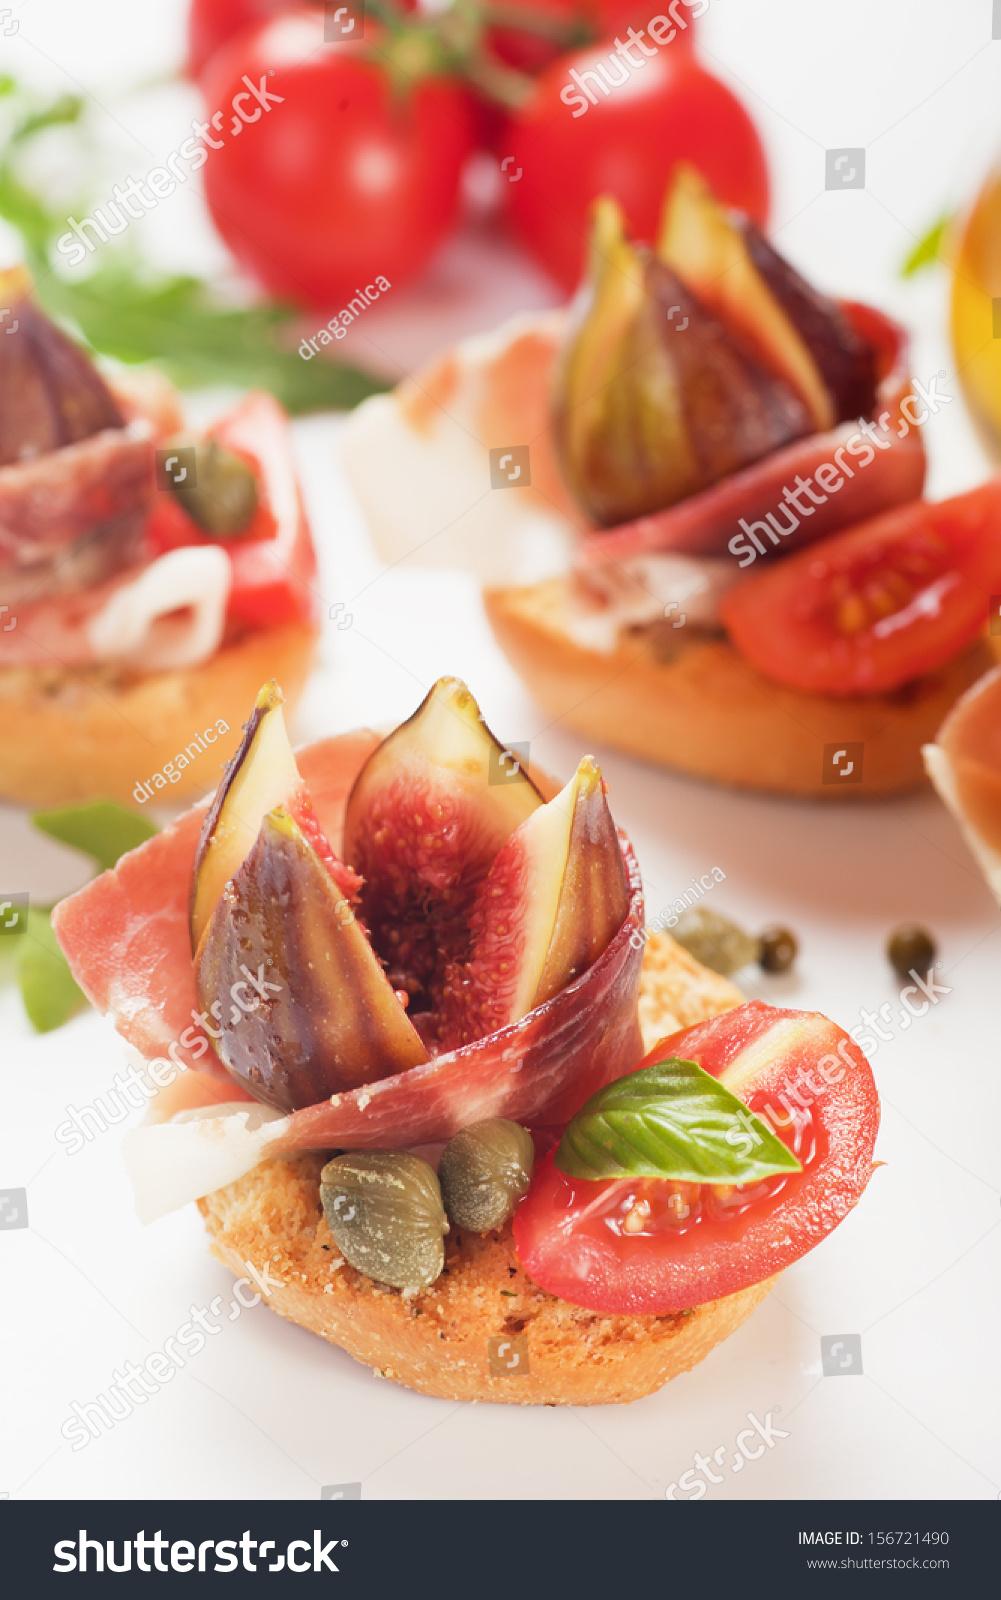 Prosciutto di parma canape with figs and capers stock for Prosciutto canape